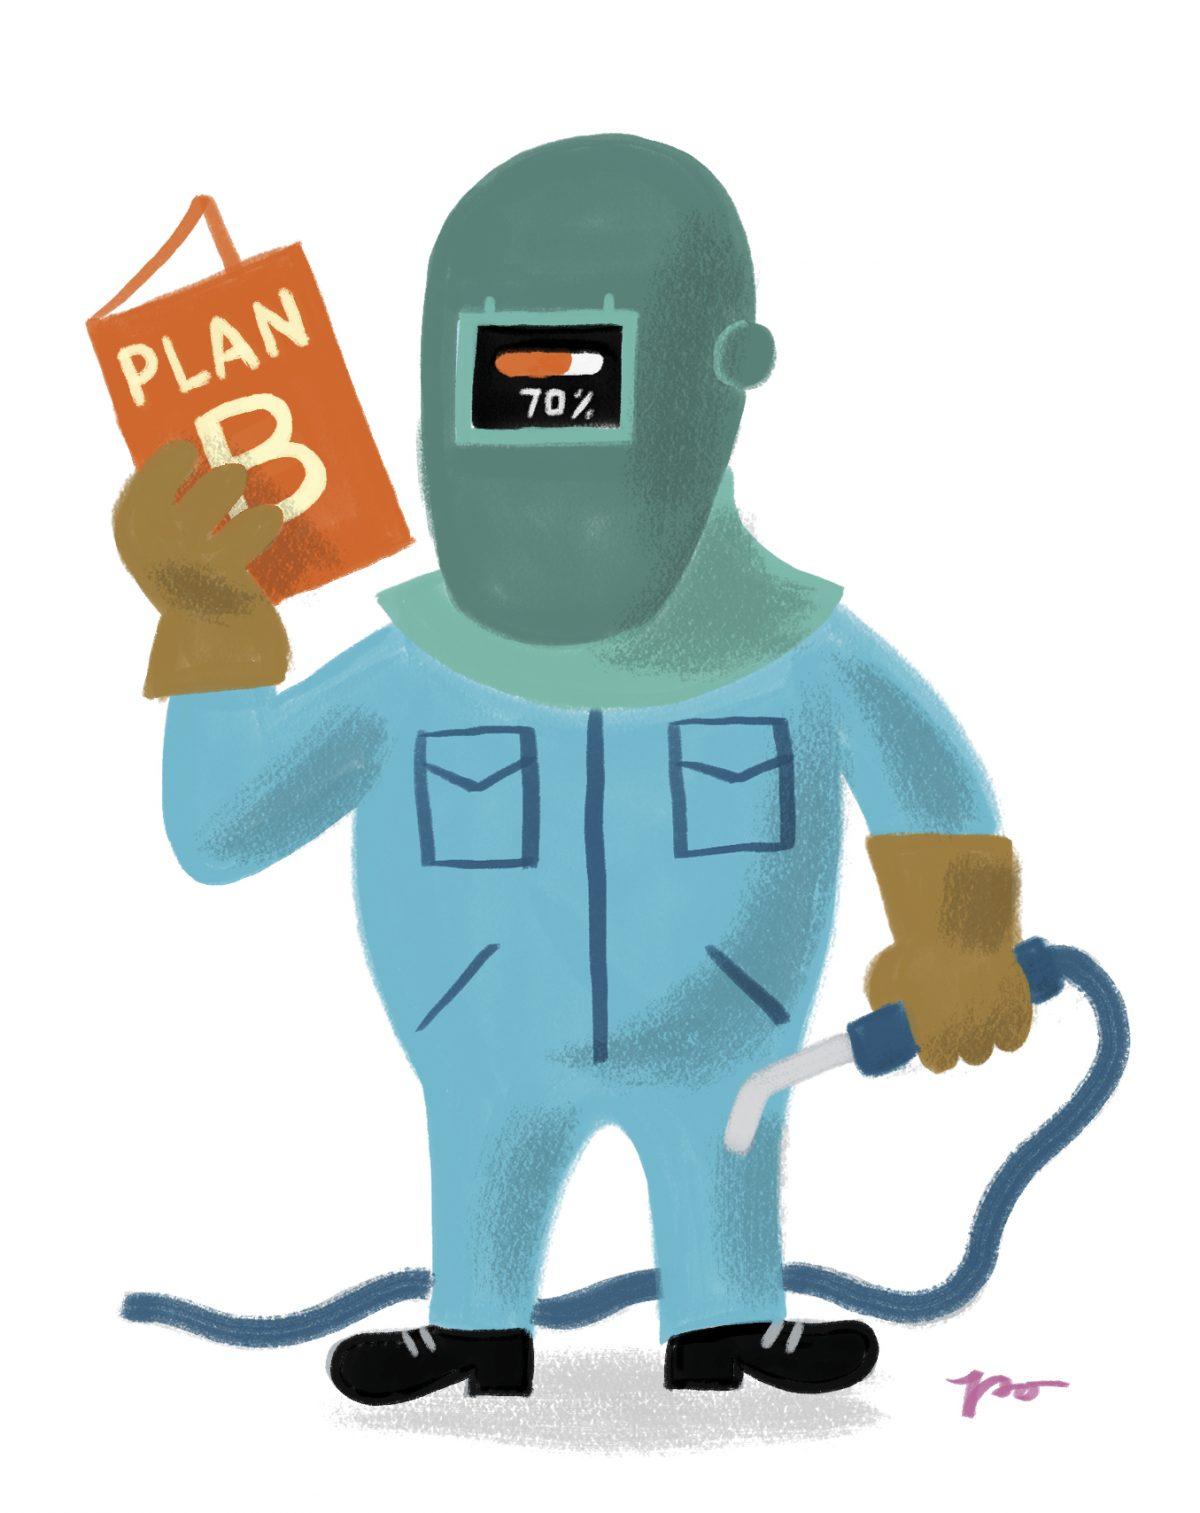 TYÖYMPÄRISTÖ: Työpaikan suunnitelmat kuntoon